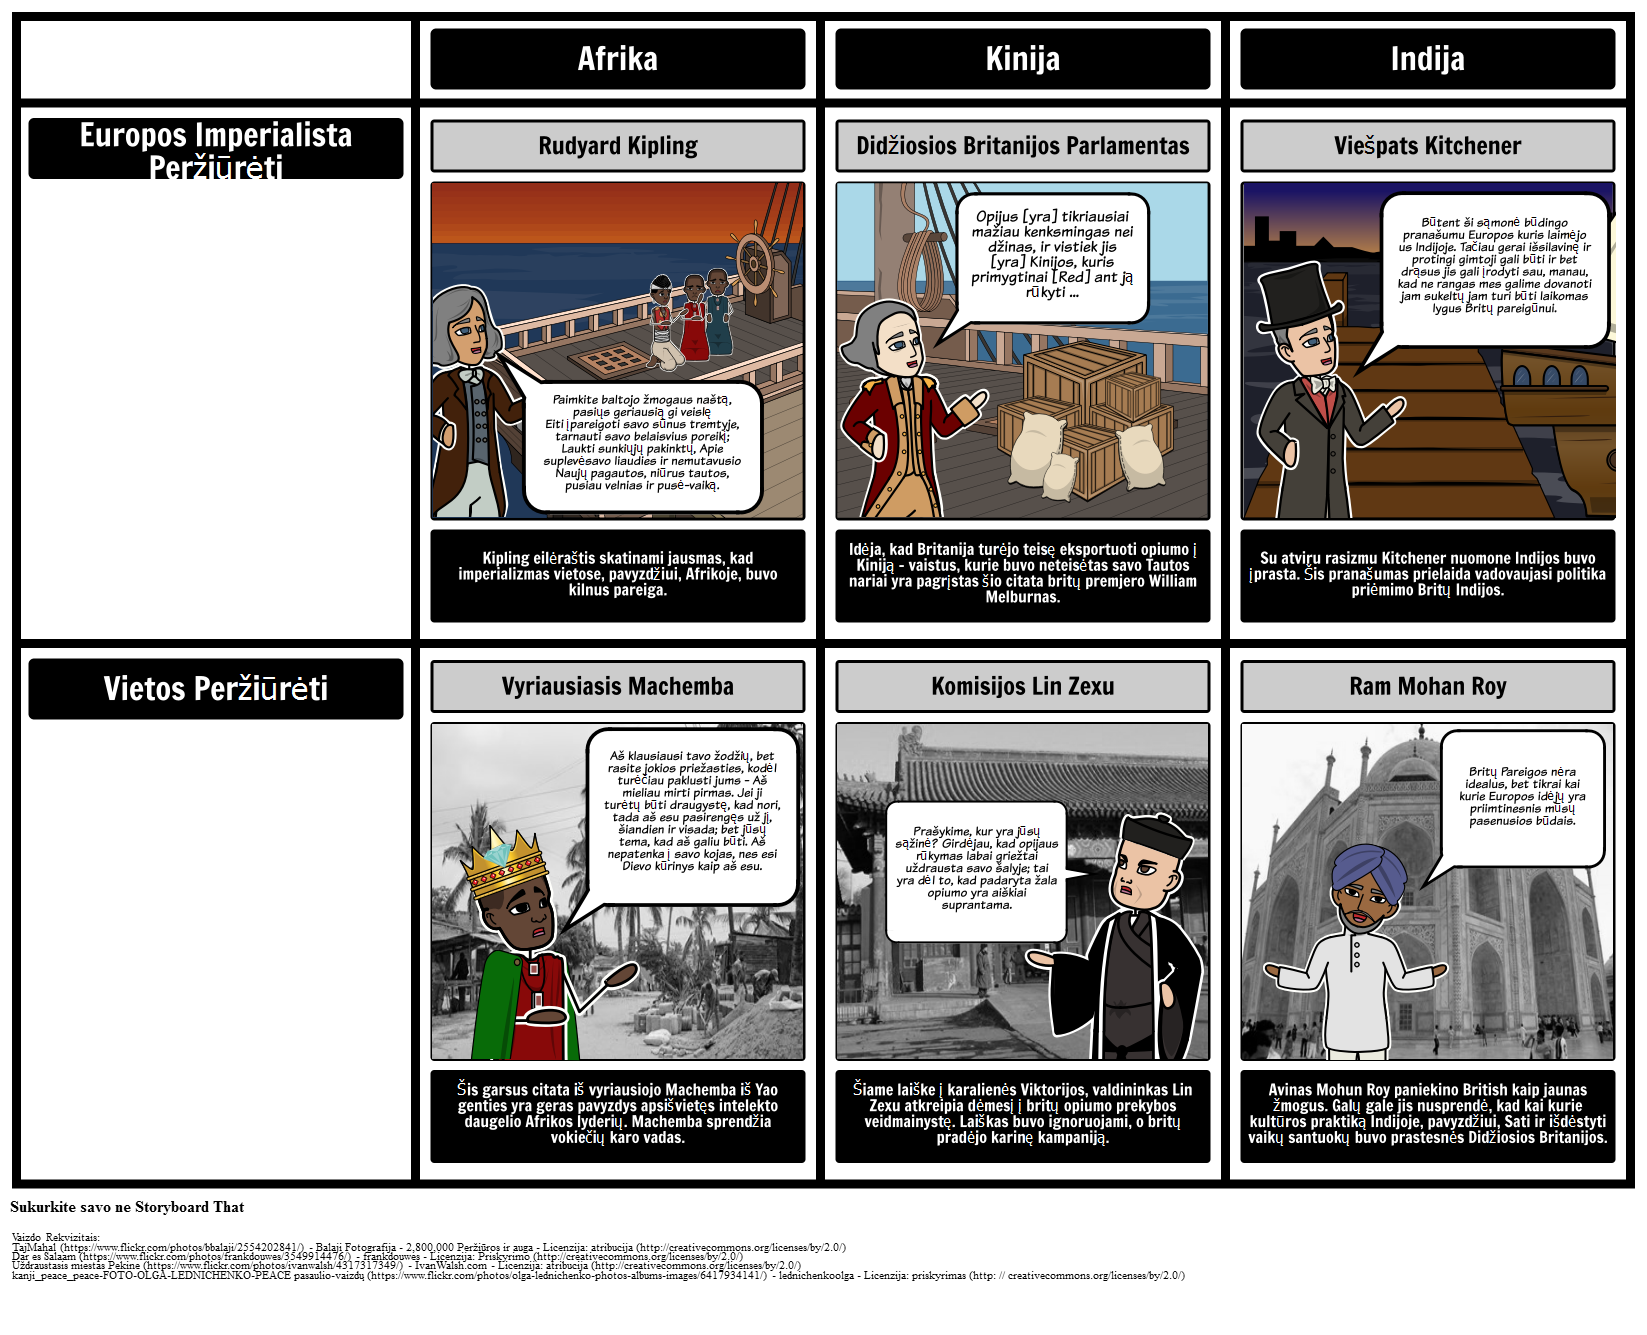 Istorija Imperializmo - Prieštaringa POV: Imperialista vs Krūminių Tautų